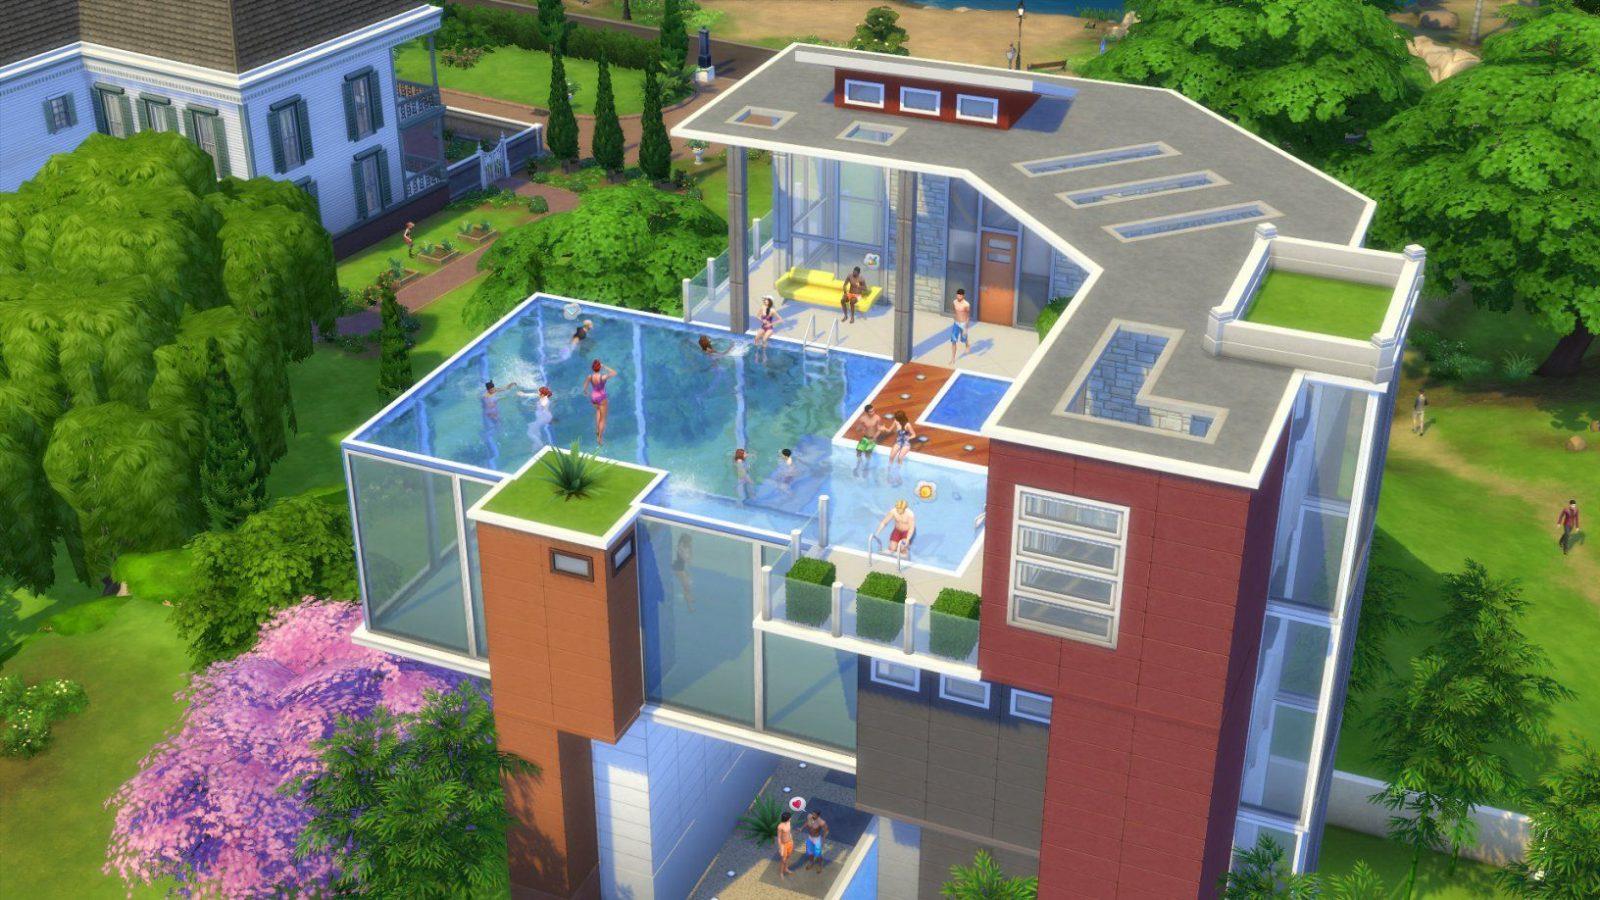 Erfahre Bei Uns Alle Zu Den Pools In Die Sims 4 Welche Avec Sims 3 von Sims 4 Häuser Bauen Ideen Photo